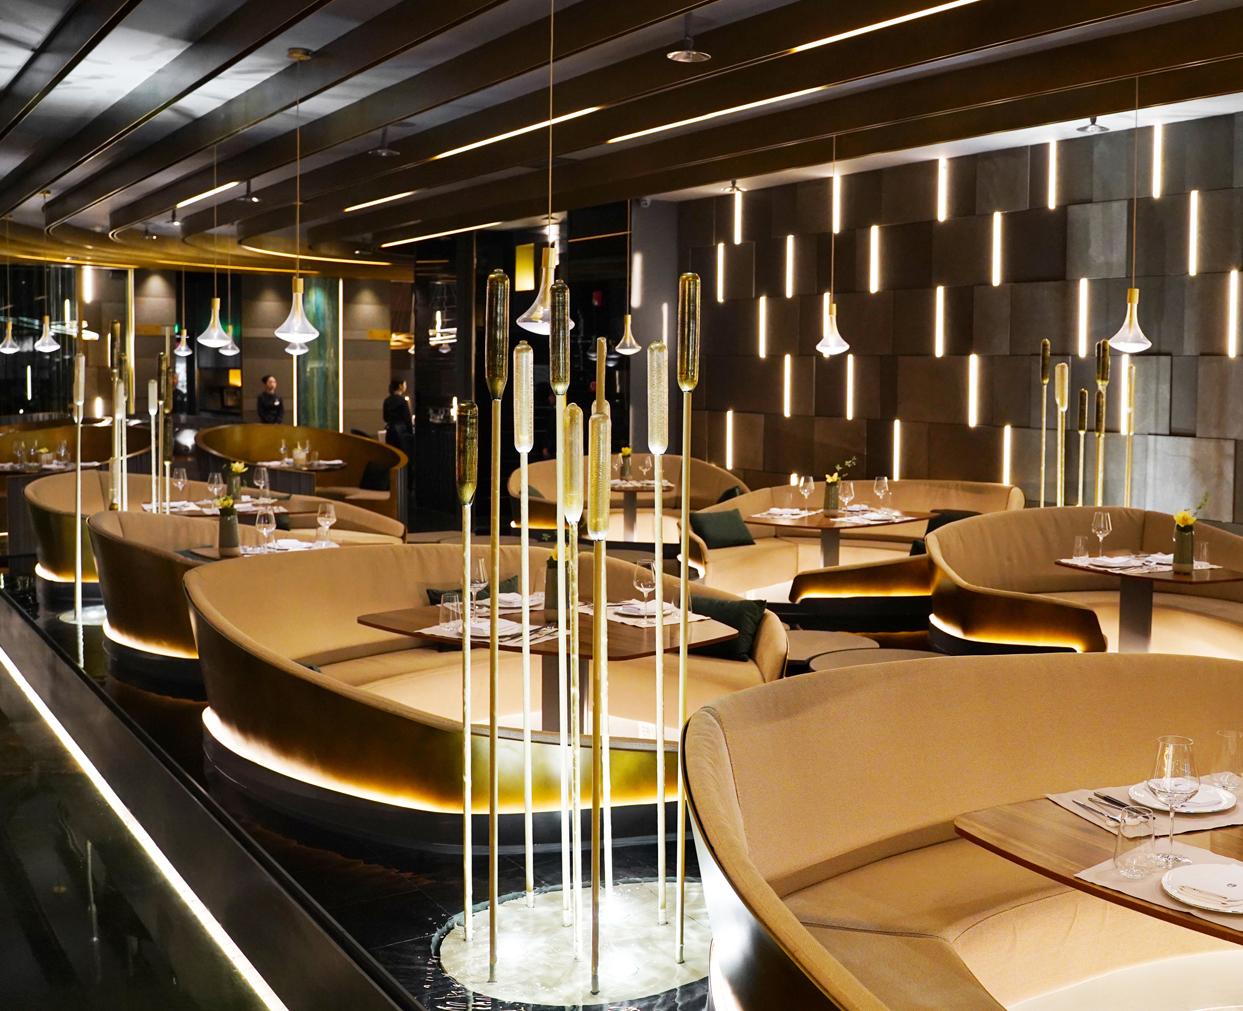 Forme-dacqua_Feng-shui-fontana-ristorante-1